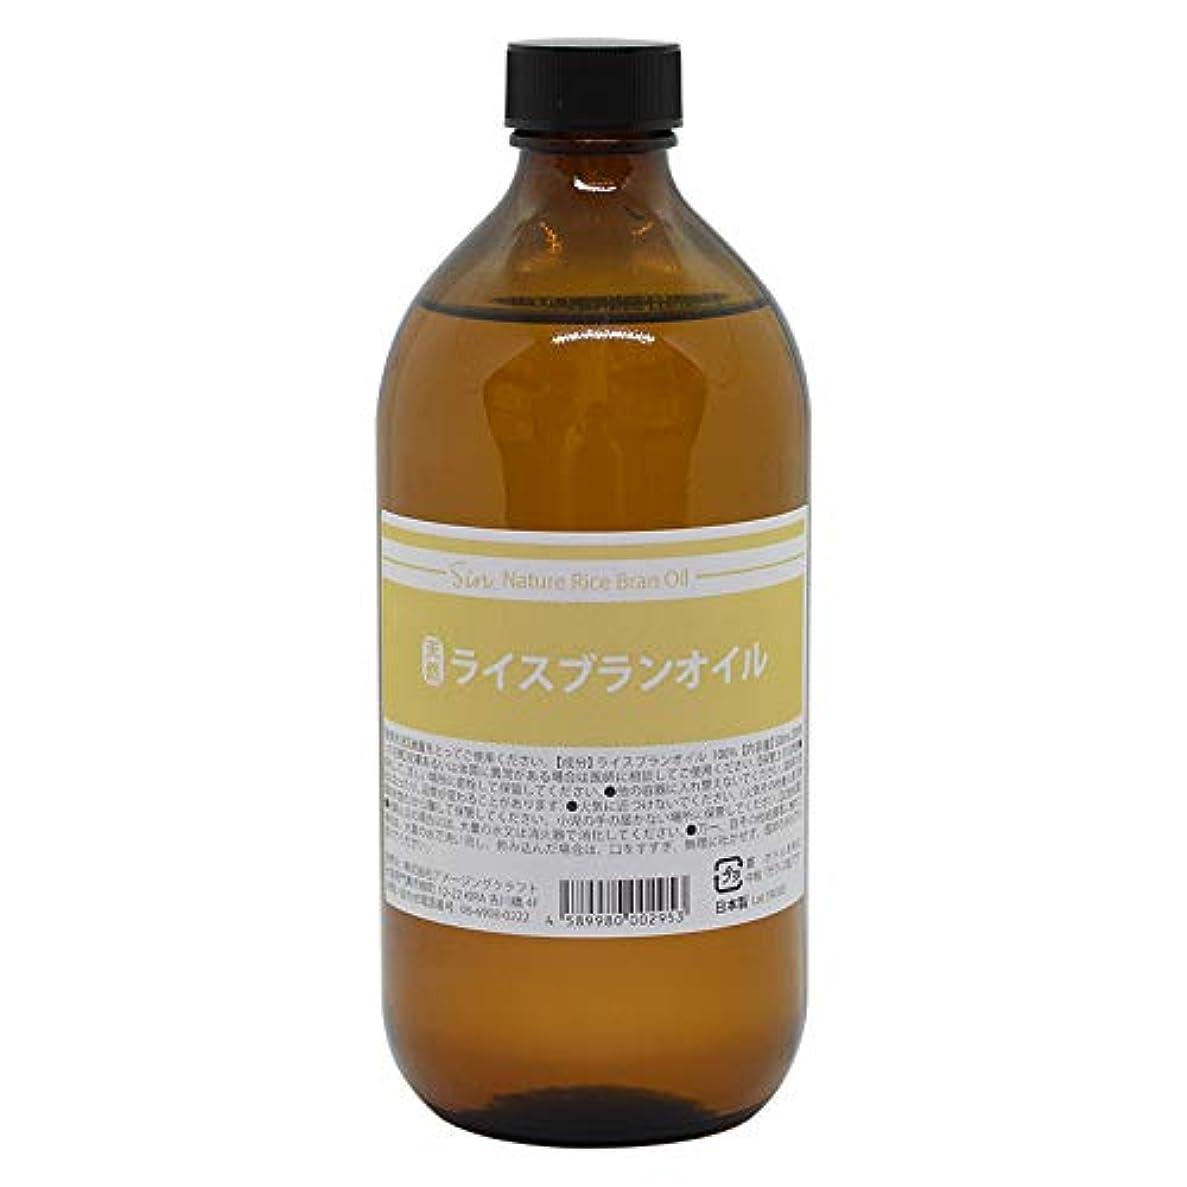 流用するメッセージボス天然無添加 国内精製 ライスブランオイル 500ml ライスオイル